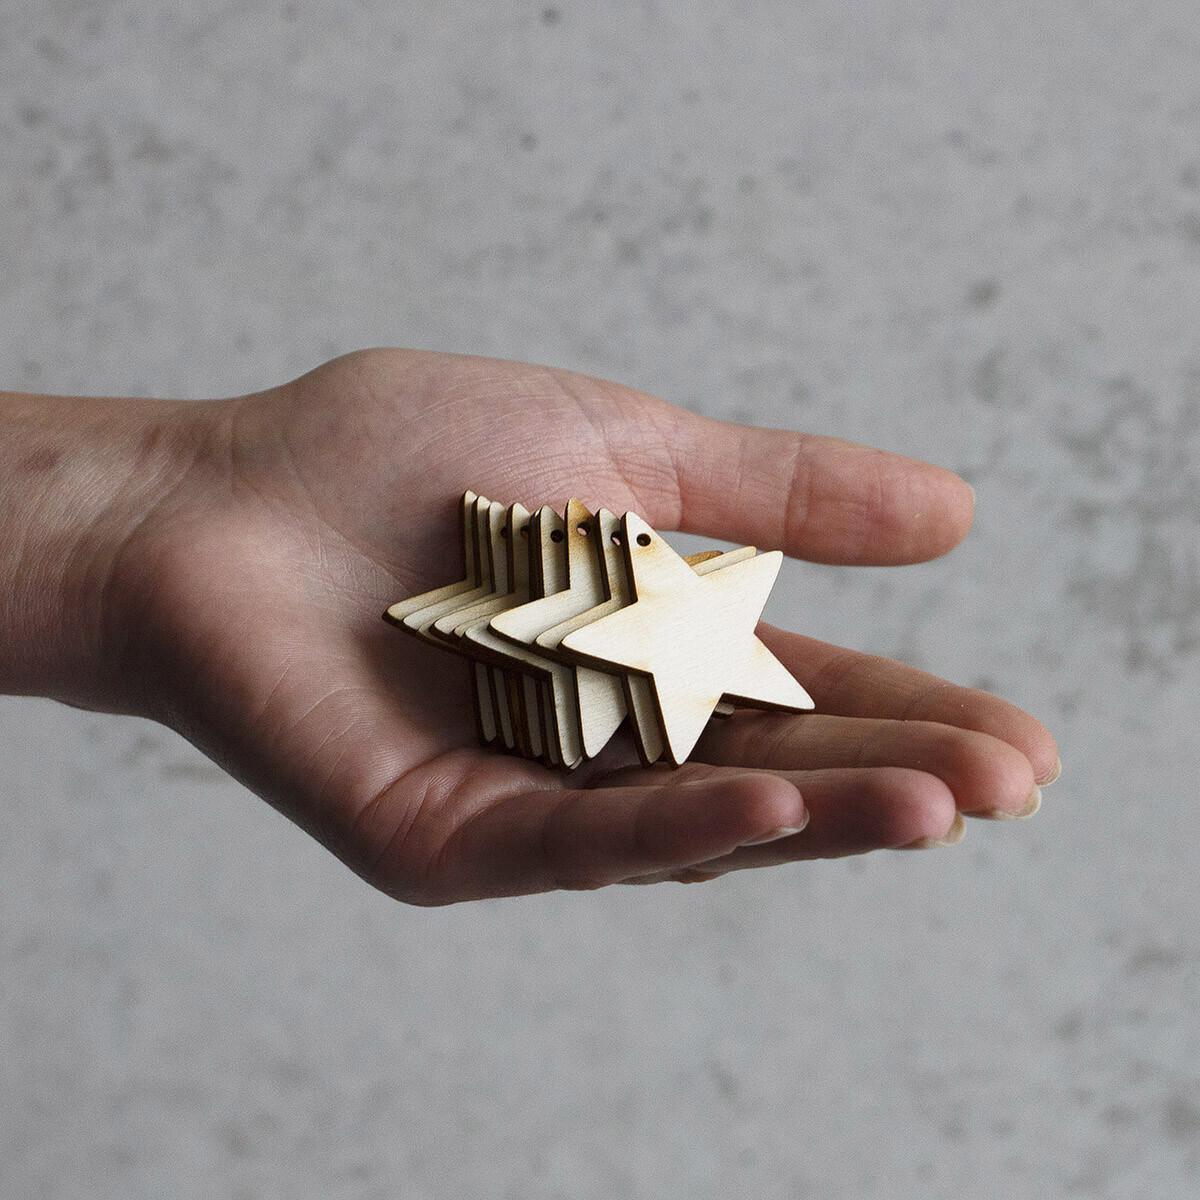 10 Stück Holzsterne 4 x 4 cm Aufhänger Weihnachtssterne Hol